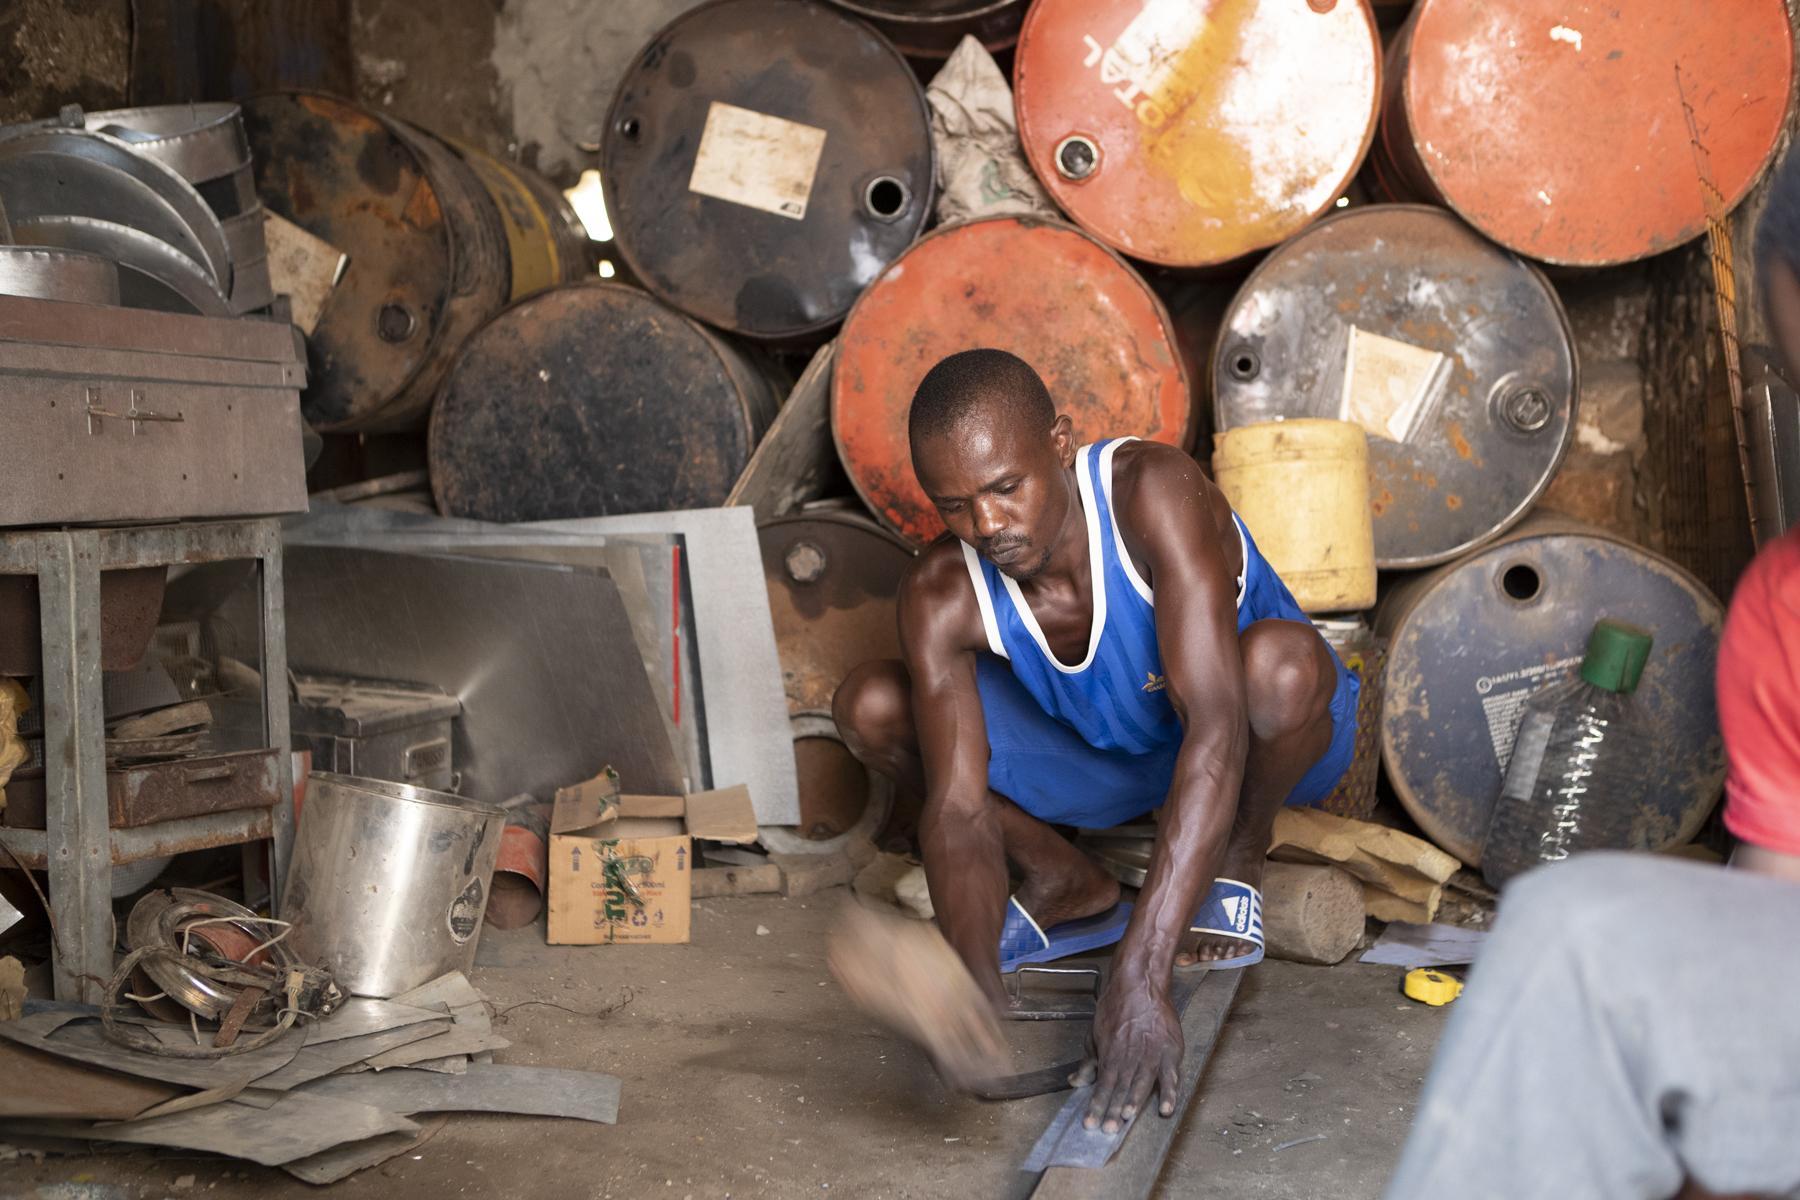 Die Kochstation ist ein Recycling-Produkt: Das Metall von alten Ölfässern wird neu aufbereitet und für den Kocher verwendet.